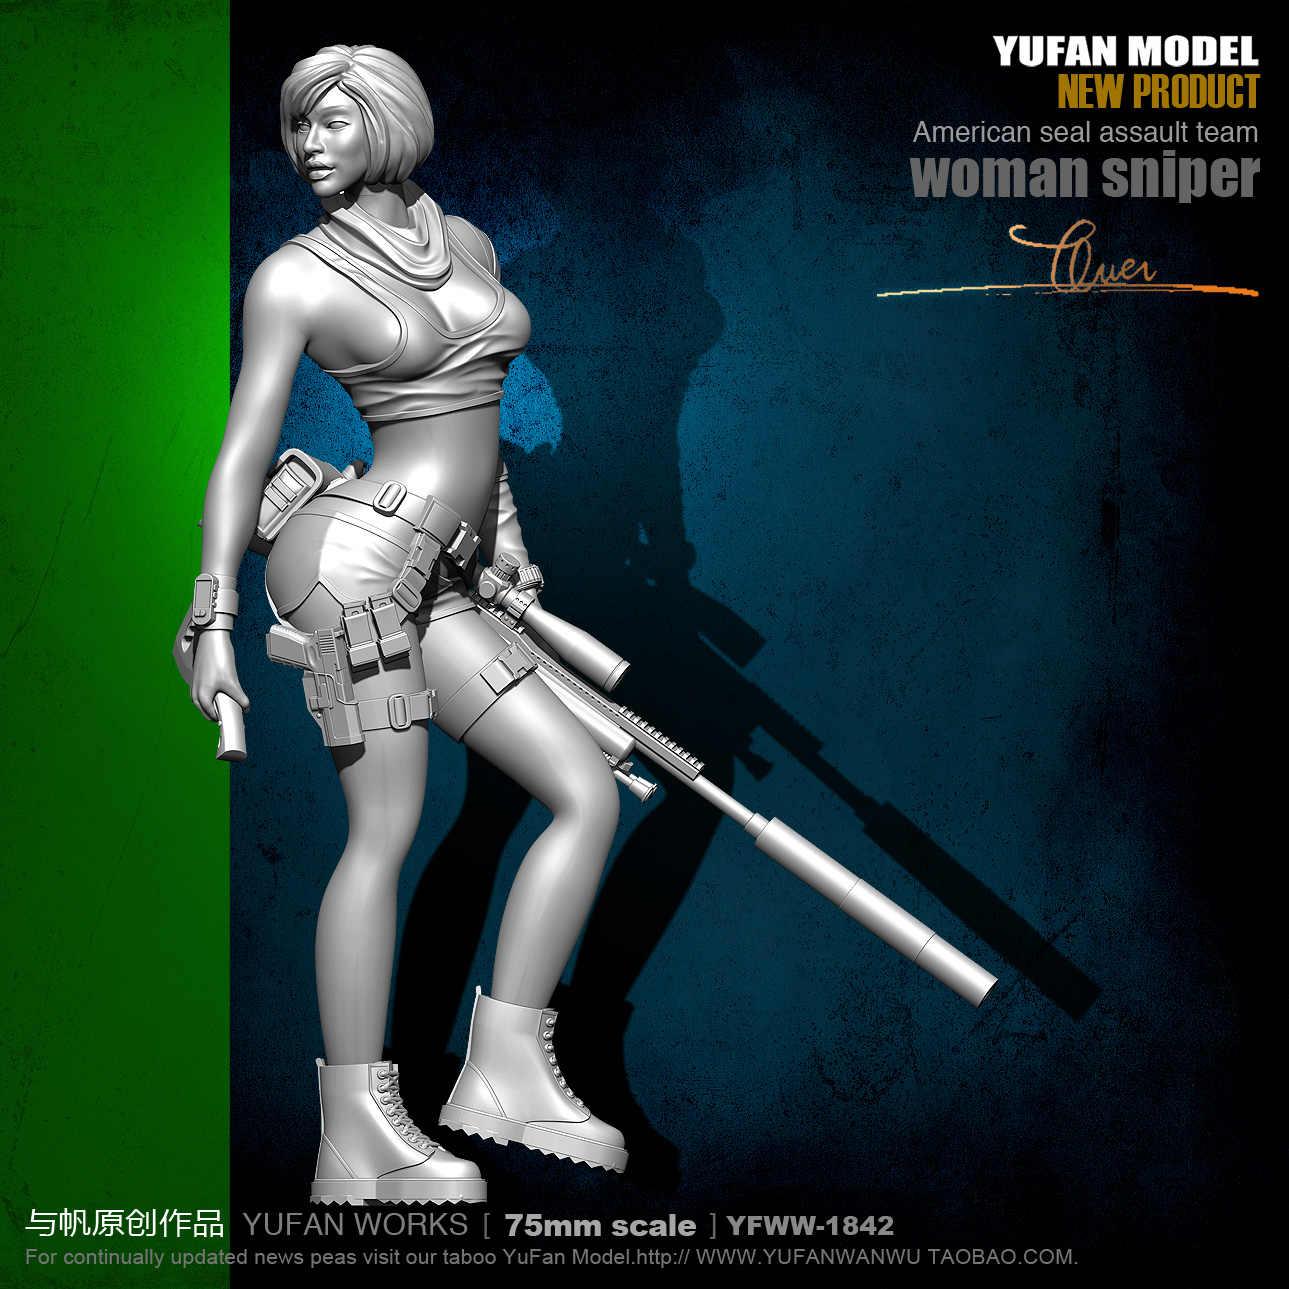 Yufan Mode 1/24 soldado modelo Sexy femenino francotirador Kit de figuras de resina 75mm incoloro y autoensamblado Yfww-1842